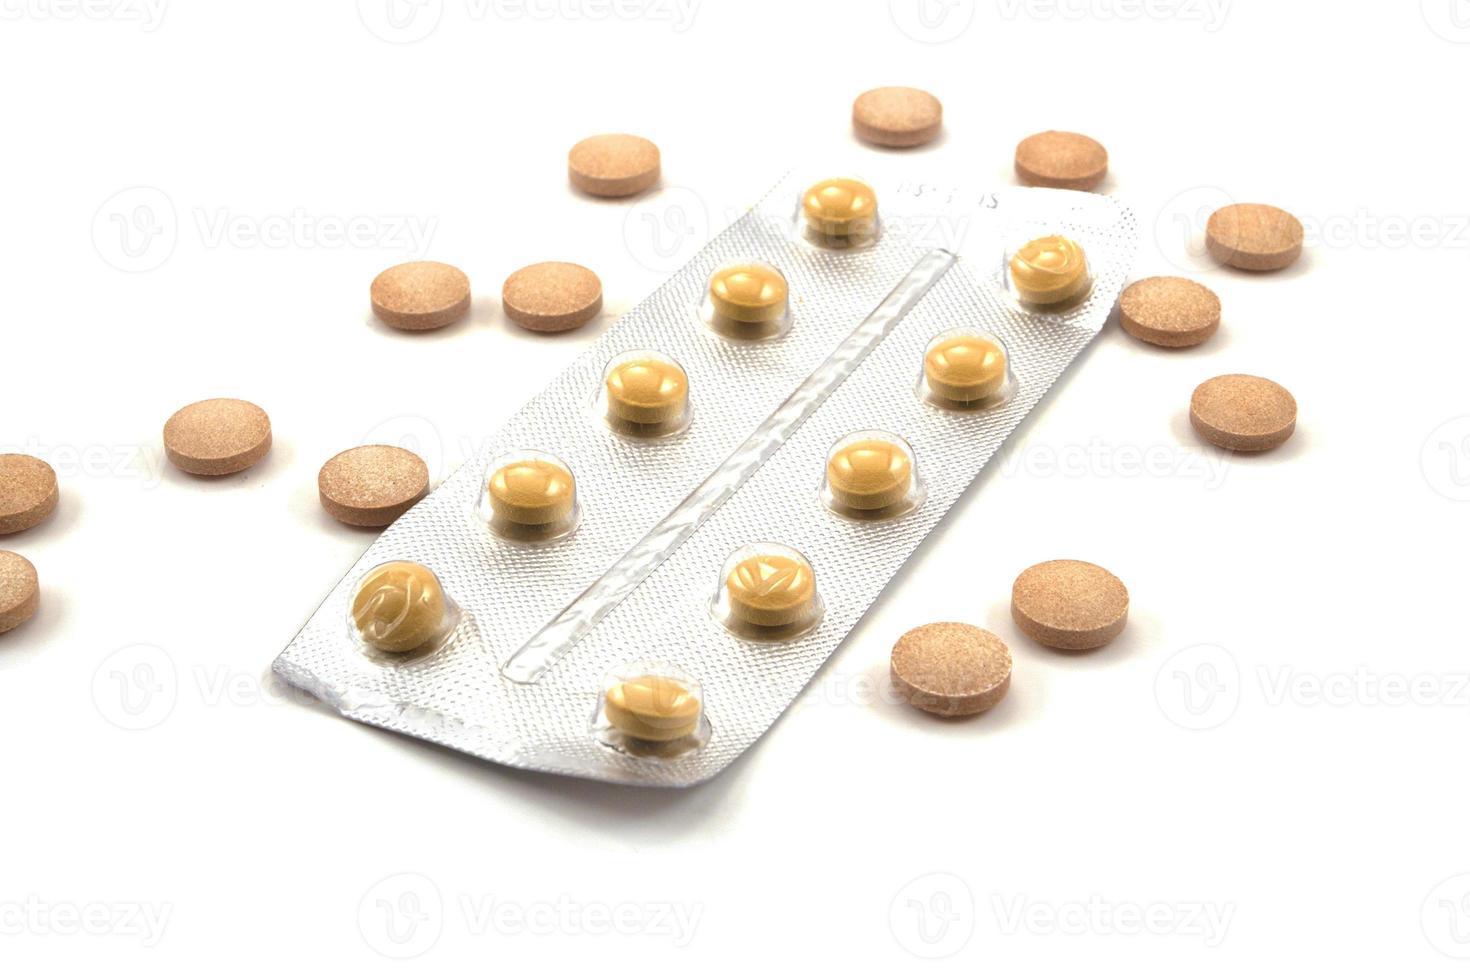 medicijnen op een witte achtergrond foto